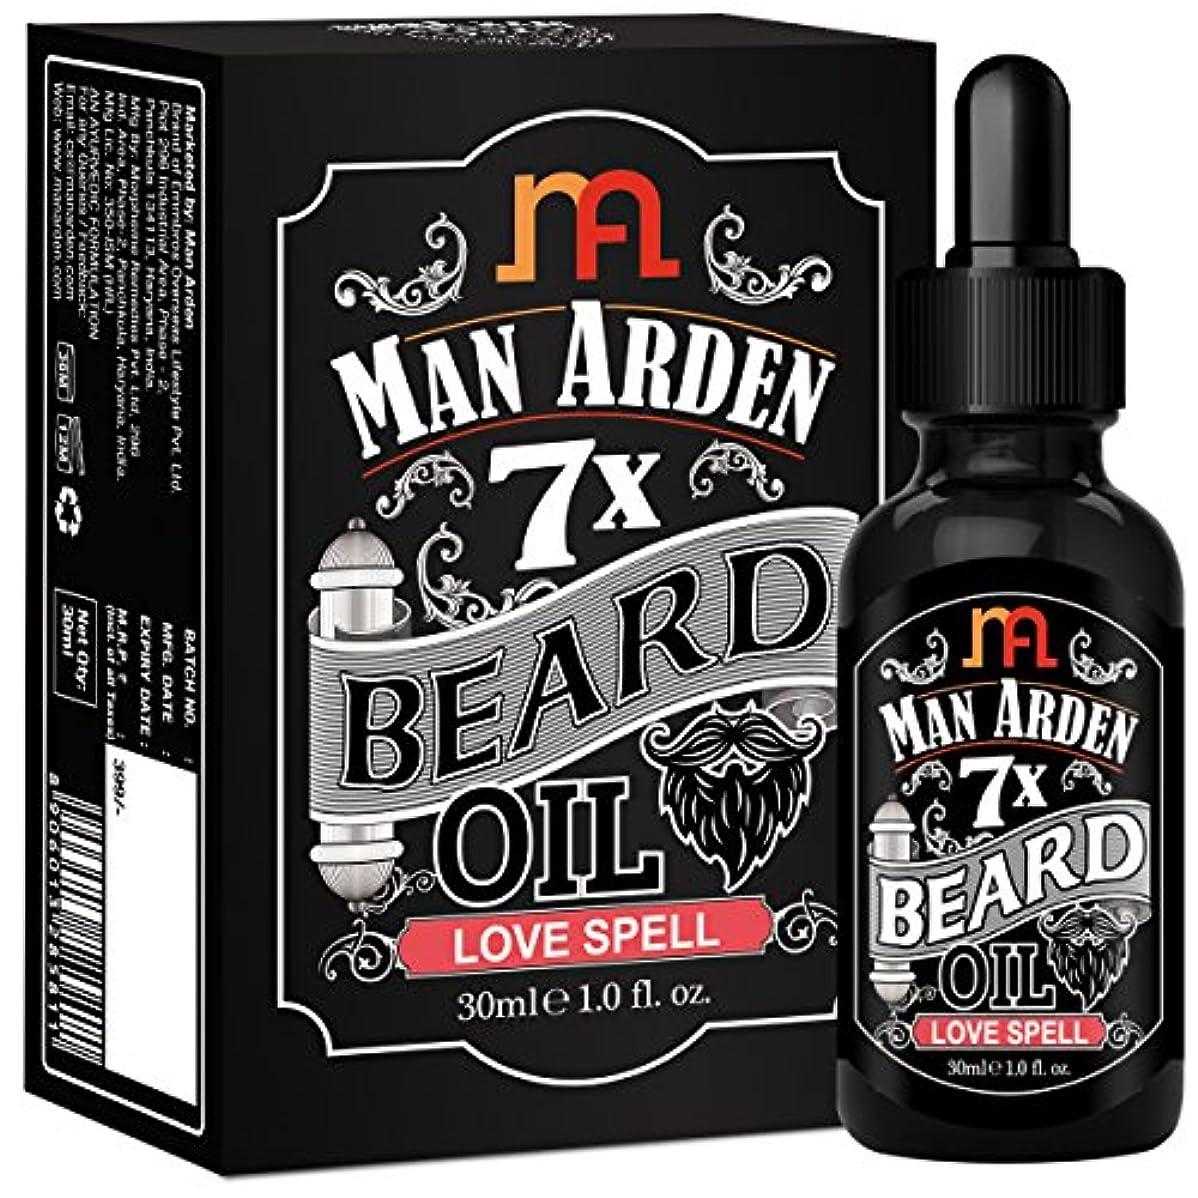 肉ペチュランス脅迫Man Arden 7X Beard Oil 30ml (Love Spell) - 7 Premium Oils Blend For Beard Growth & Nourishment